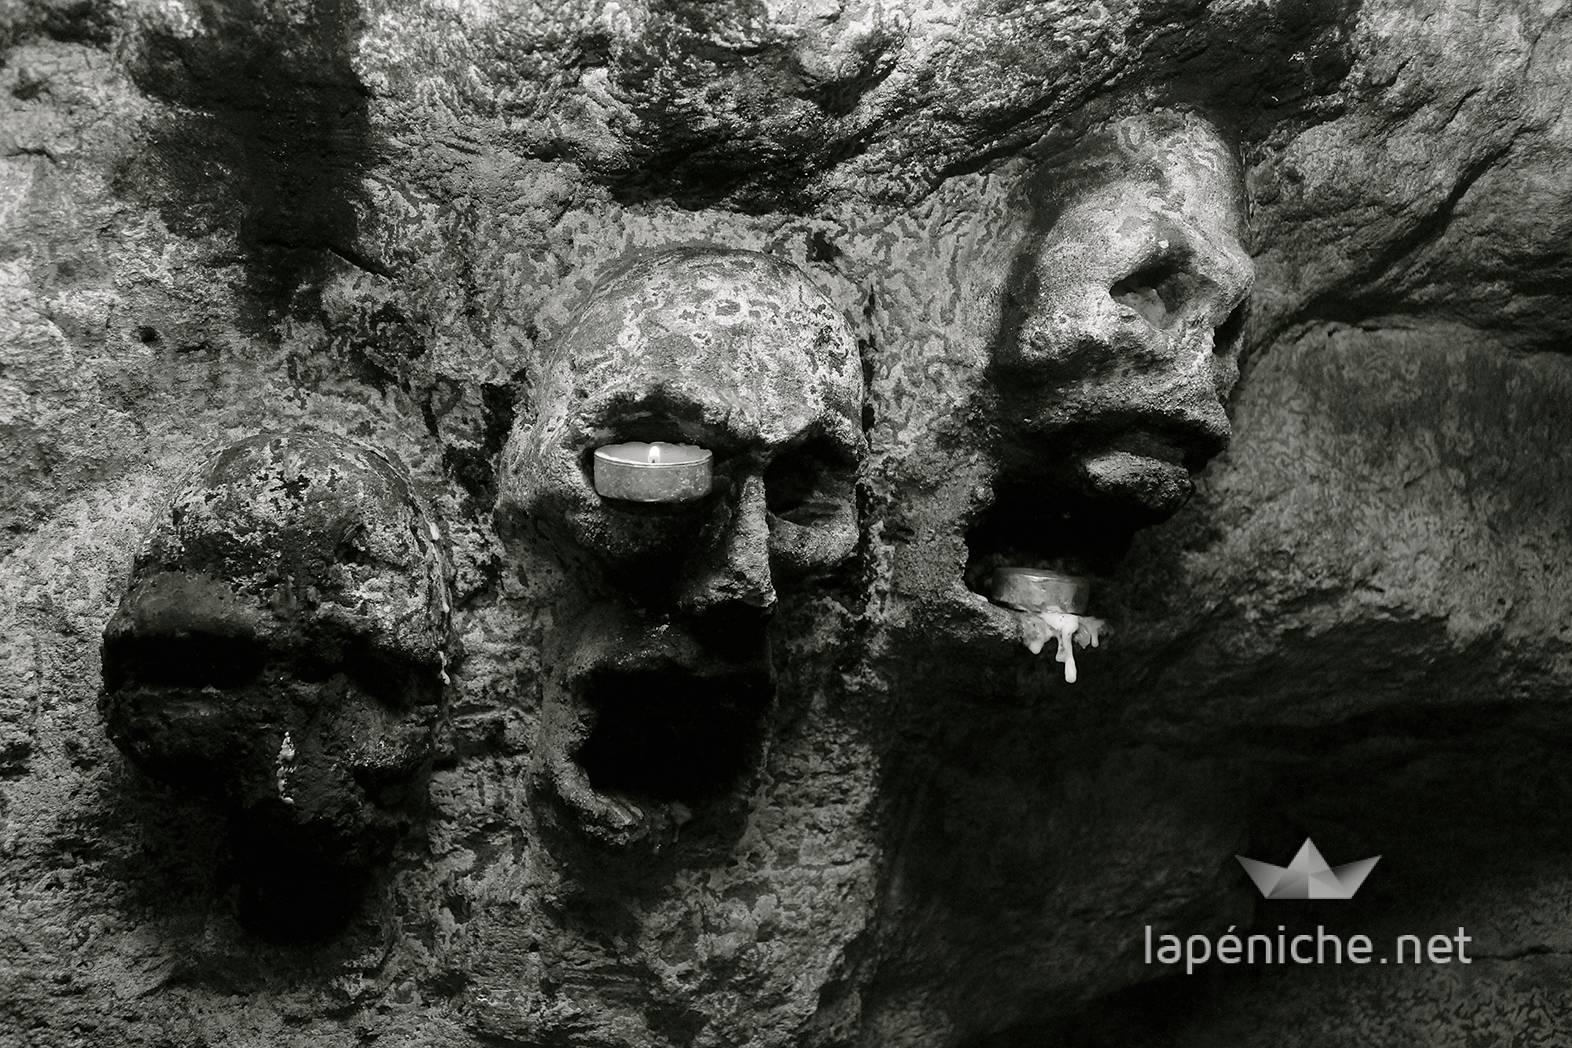 De nombreuses sculptures ornent les galeries, à l'instar de ces têtes de mort